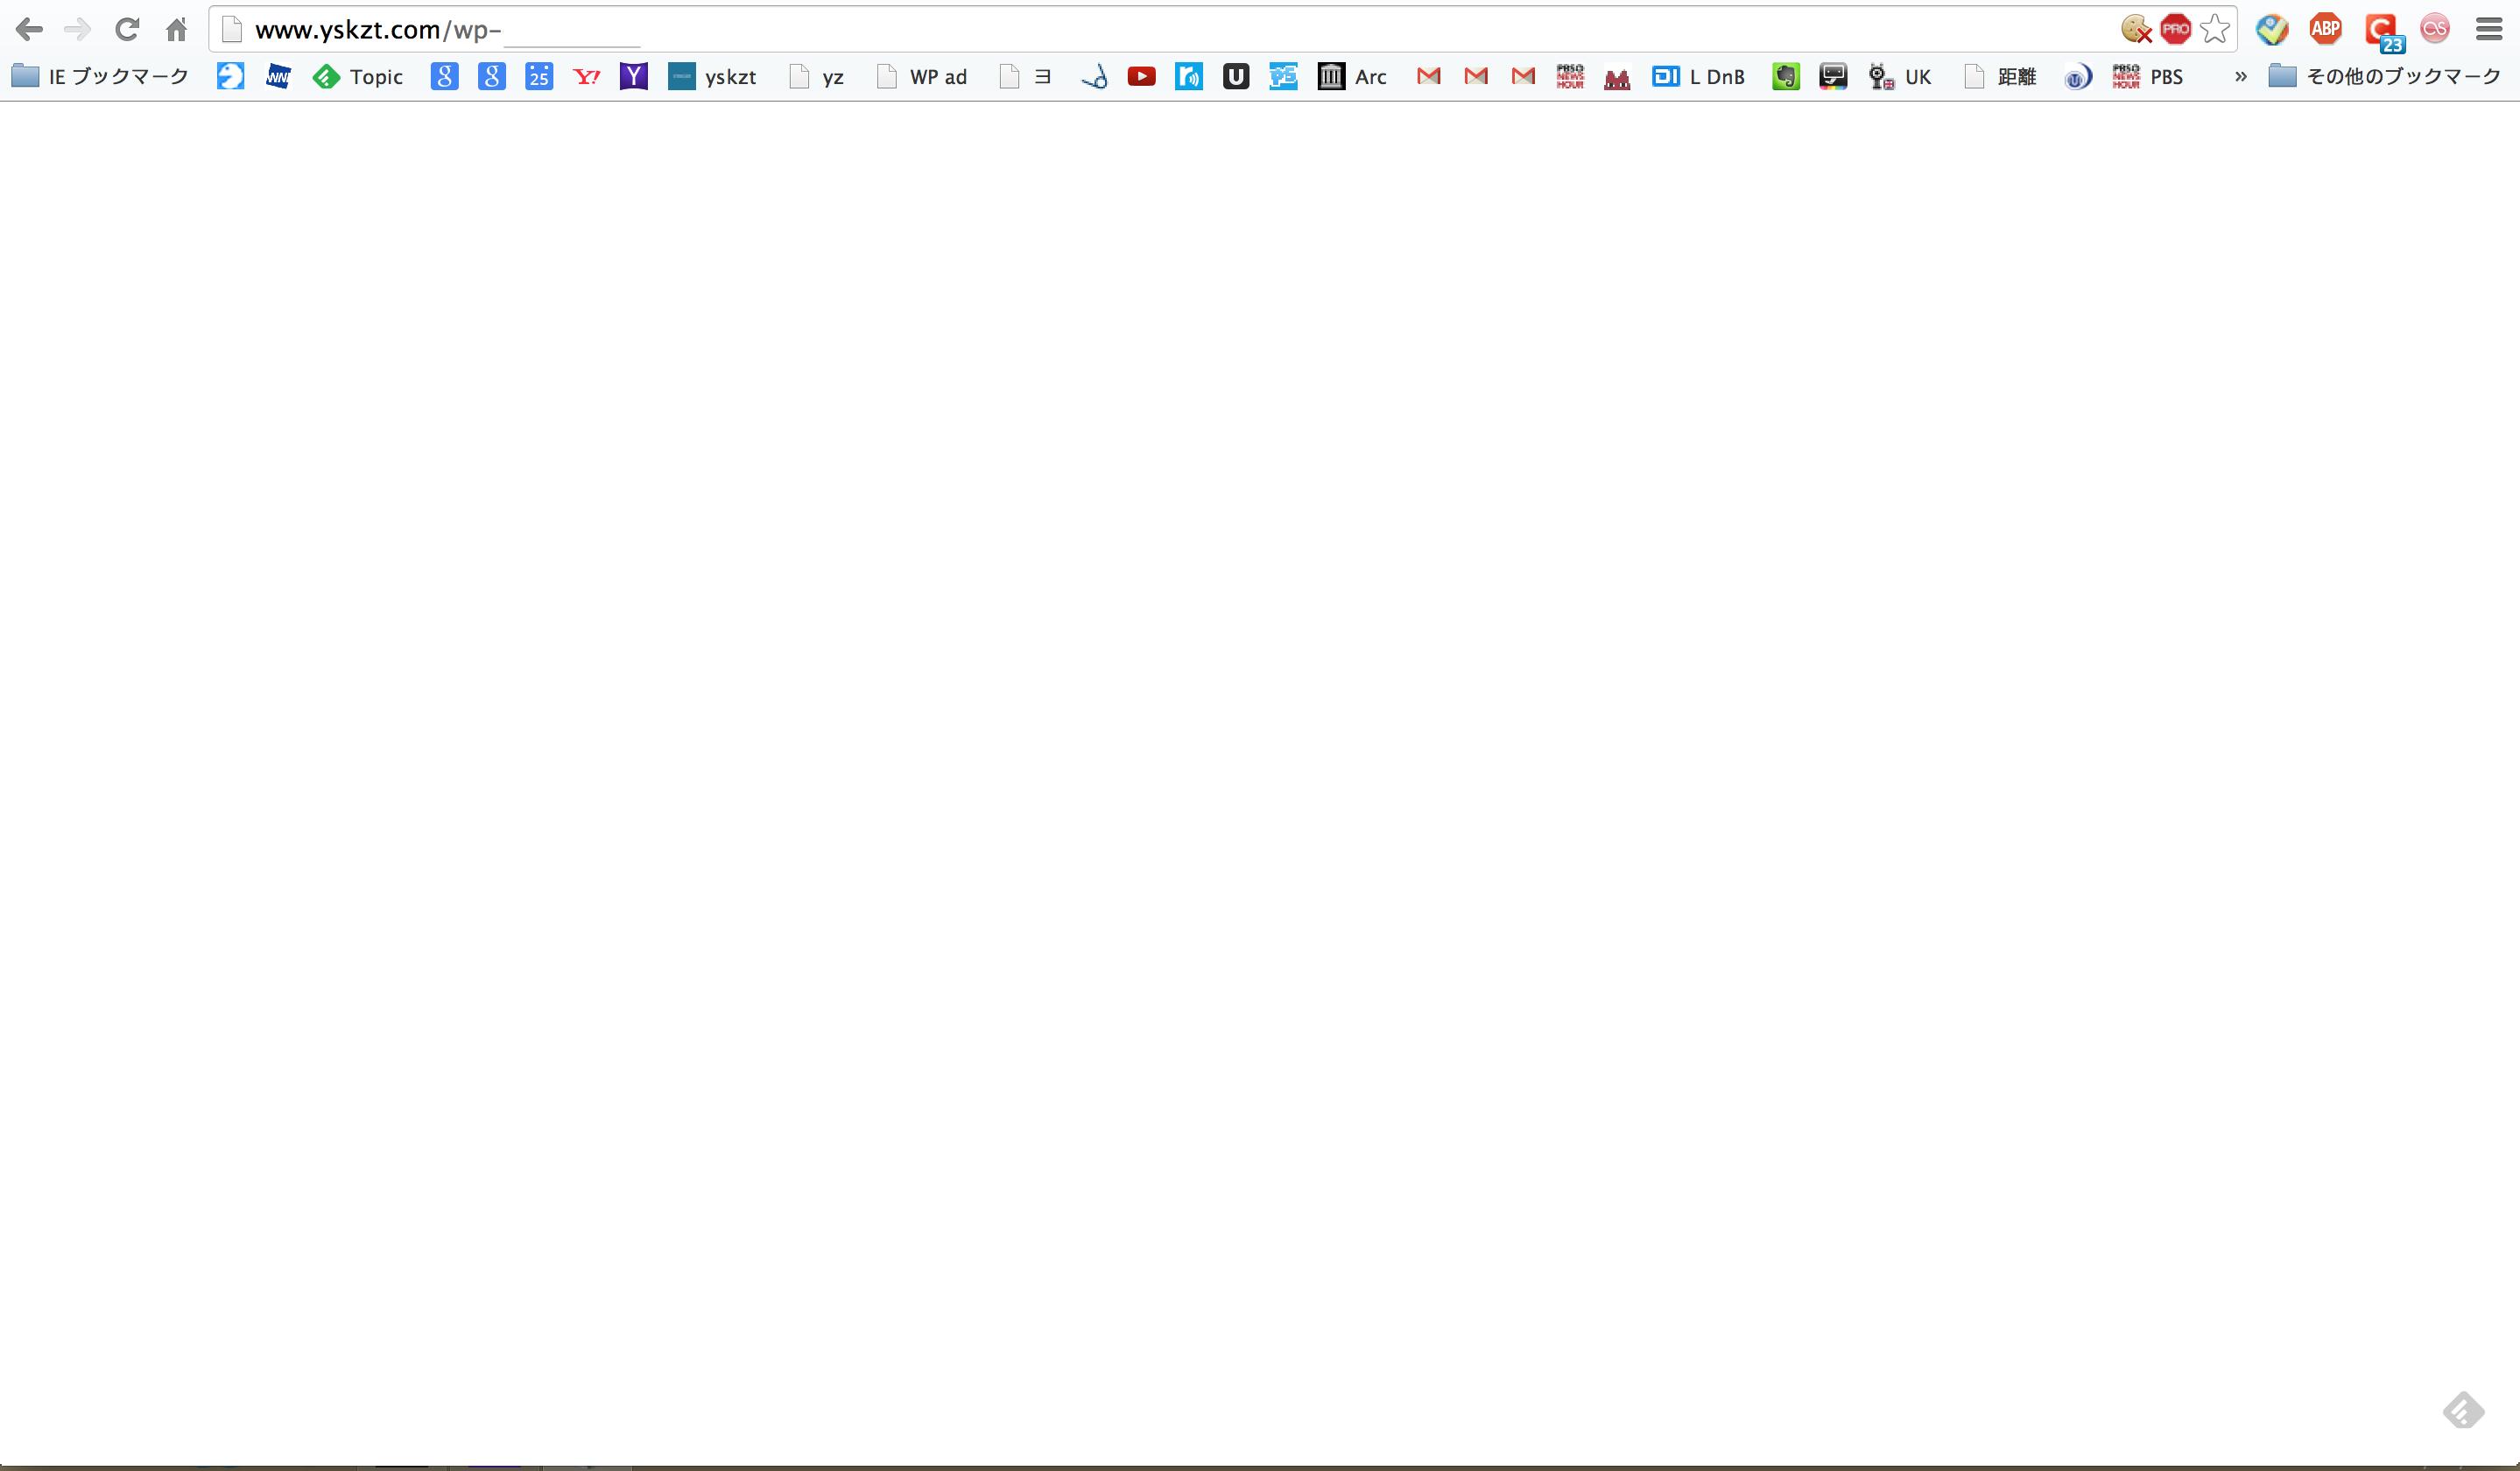 さくらのレンタルサーバ上のwordpressが真っ白に ファイルマネージャーで何とか修復成功